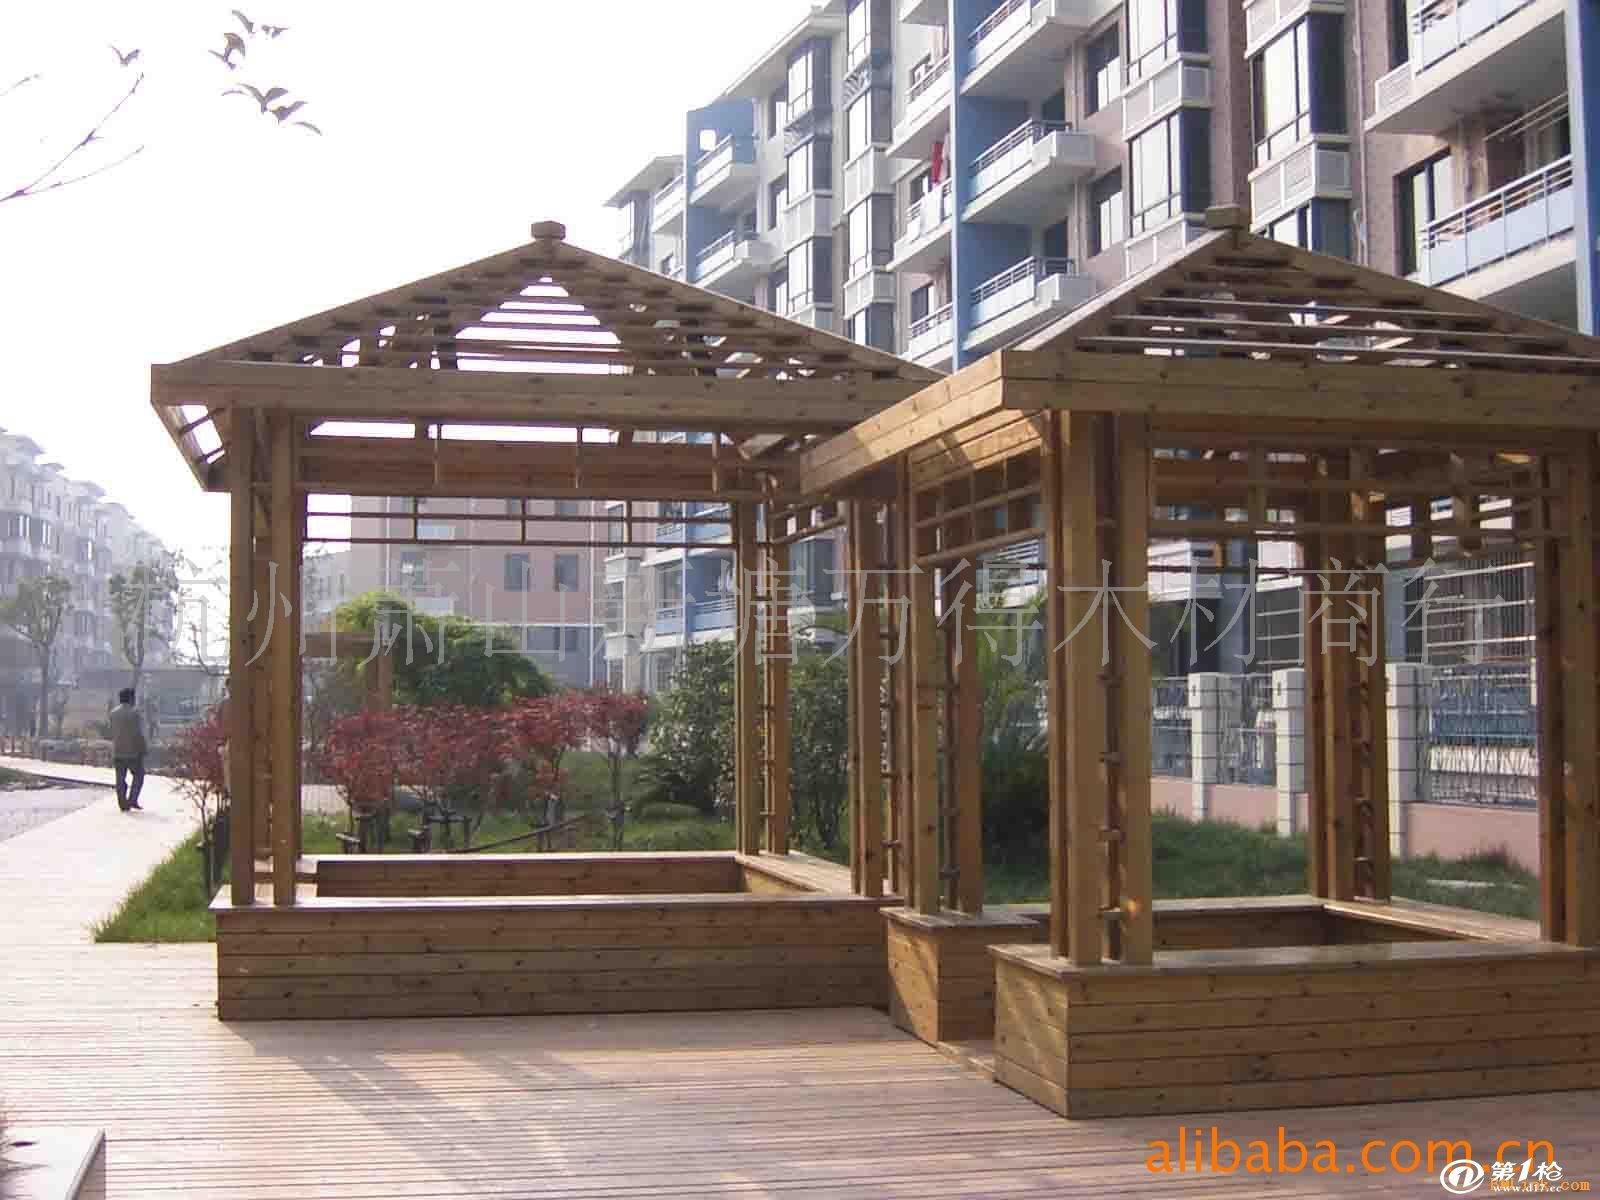 建材与装饰材料 木材和竹材 木板材 其他木板材 樟子松防腐木 凉亭